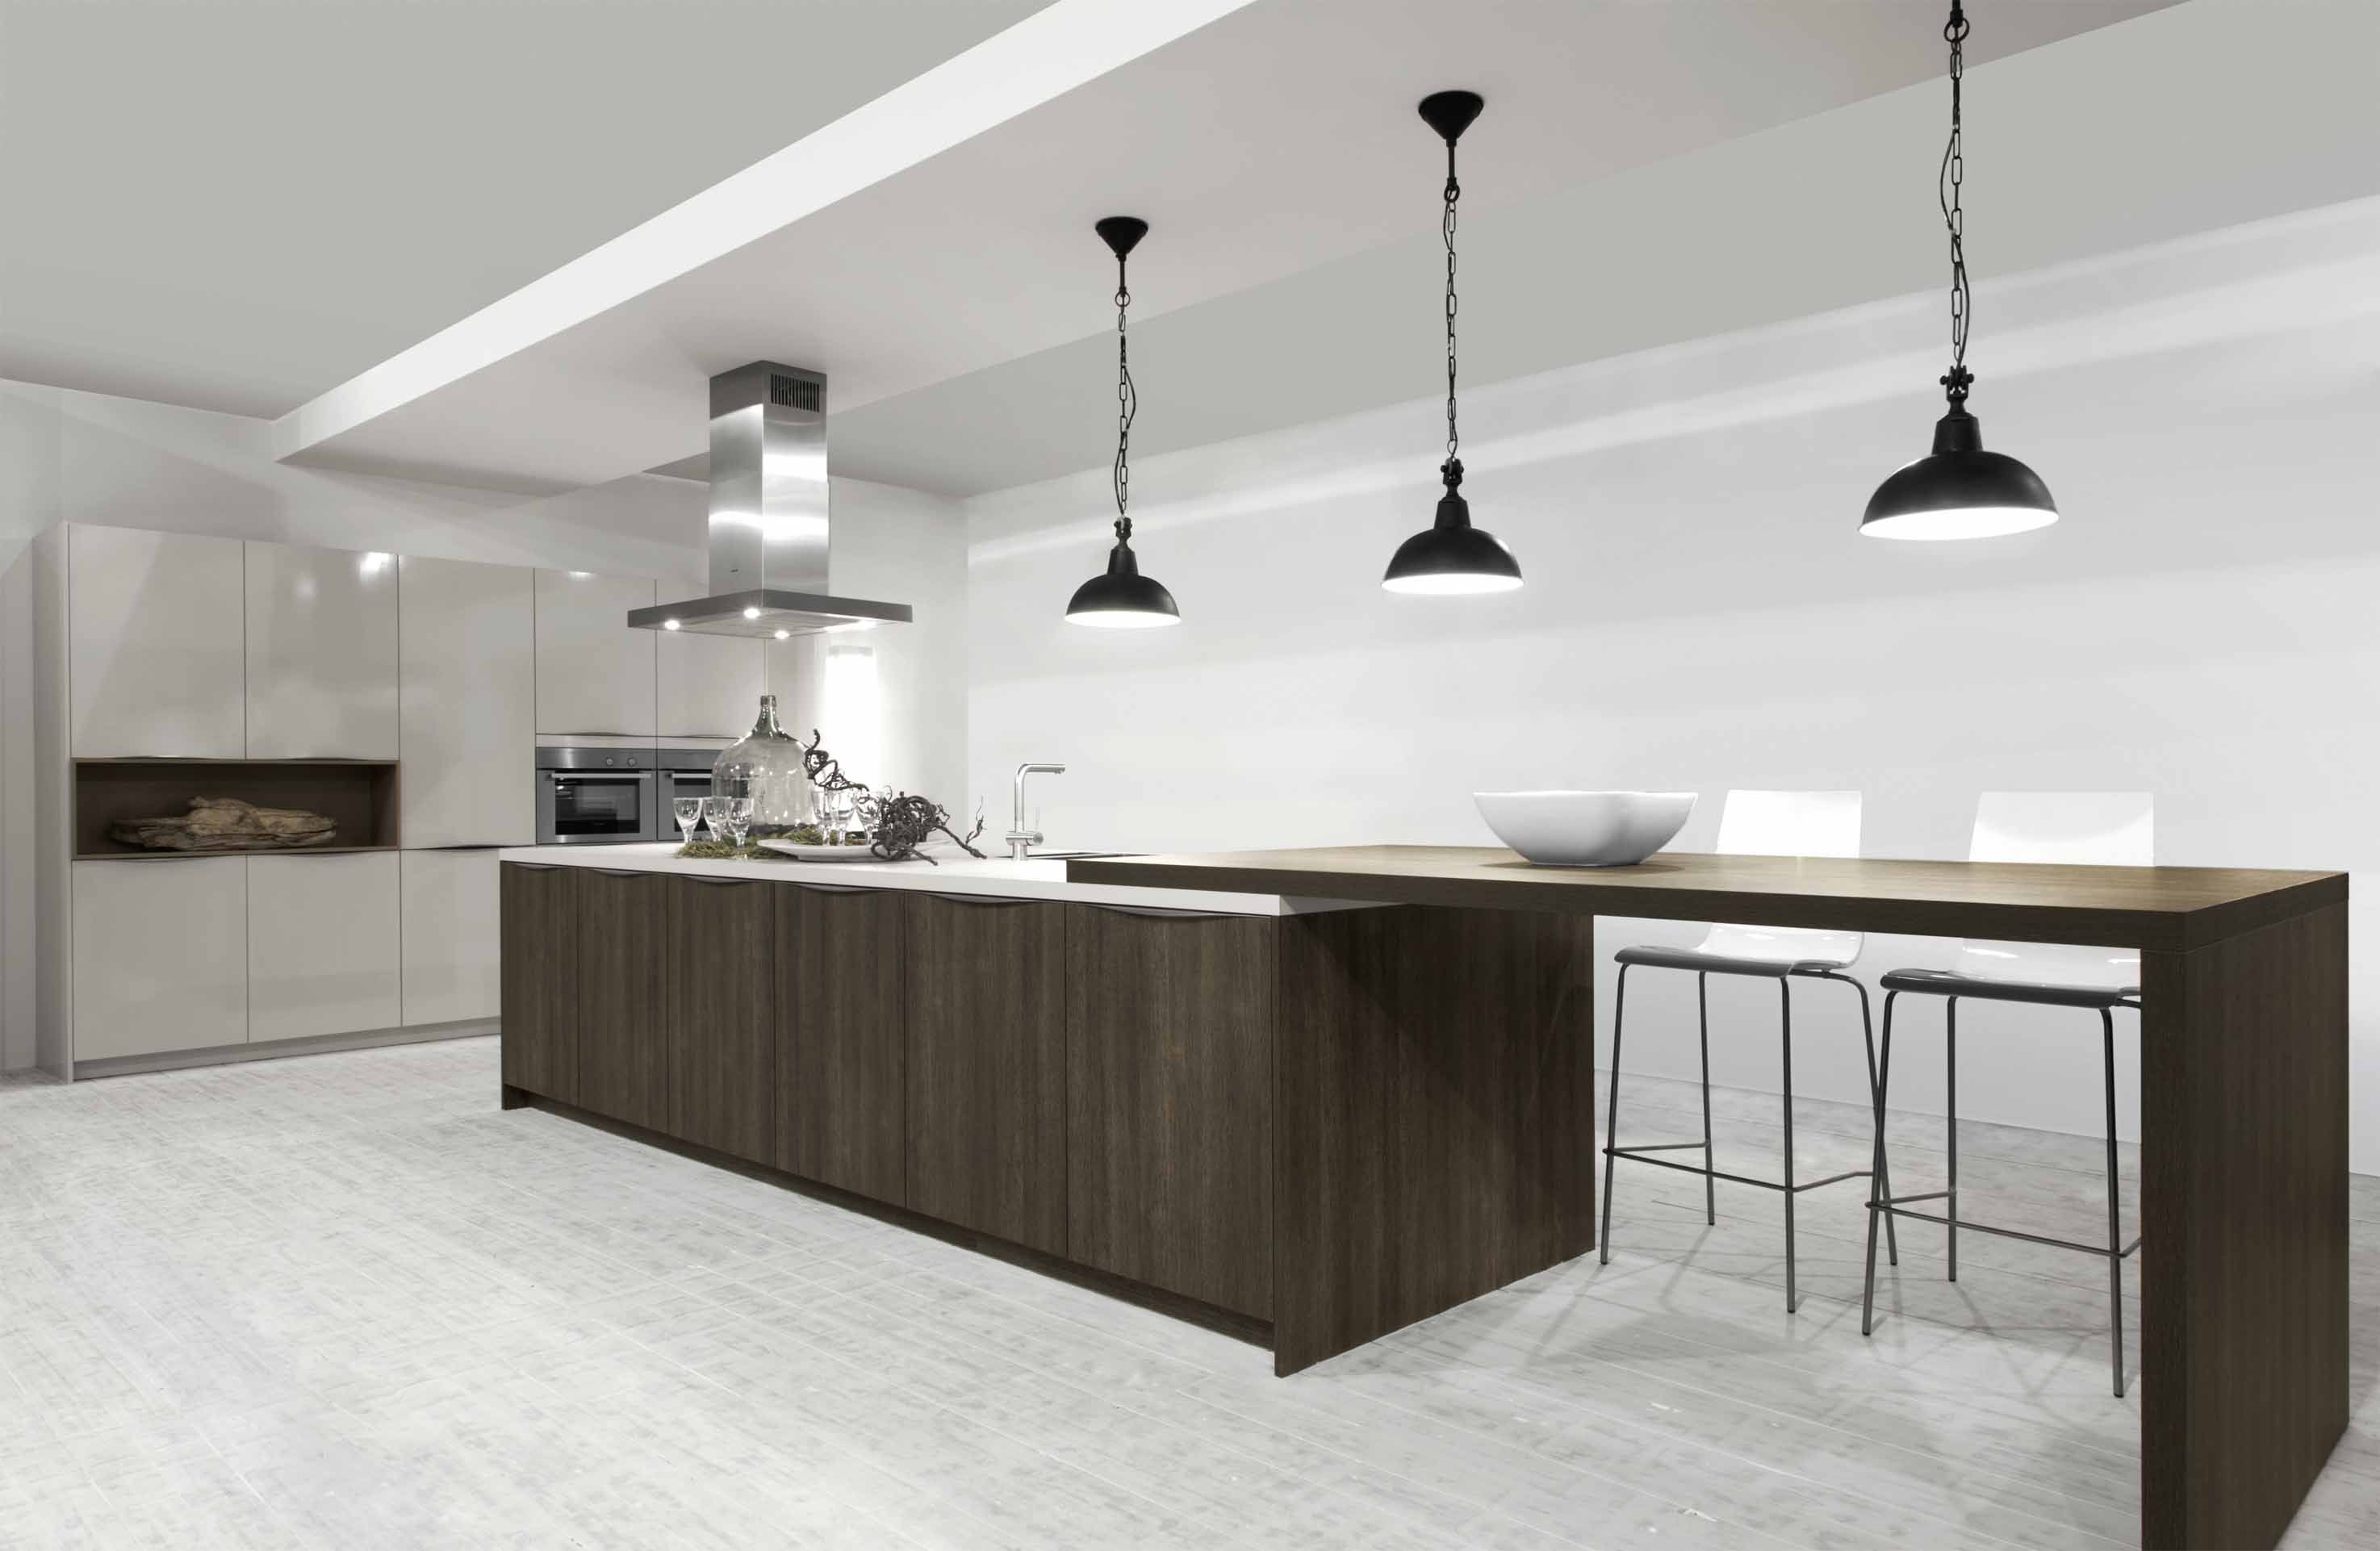 Afmetingen Keuken Met Eiland : woonwinkel.. Grote eilandkeuken met kastwand (4) [47126